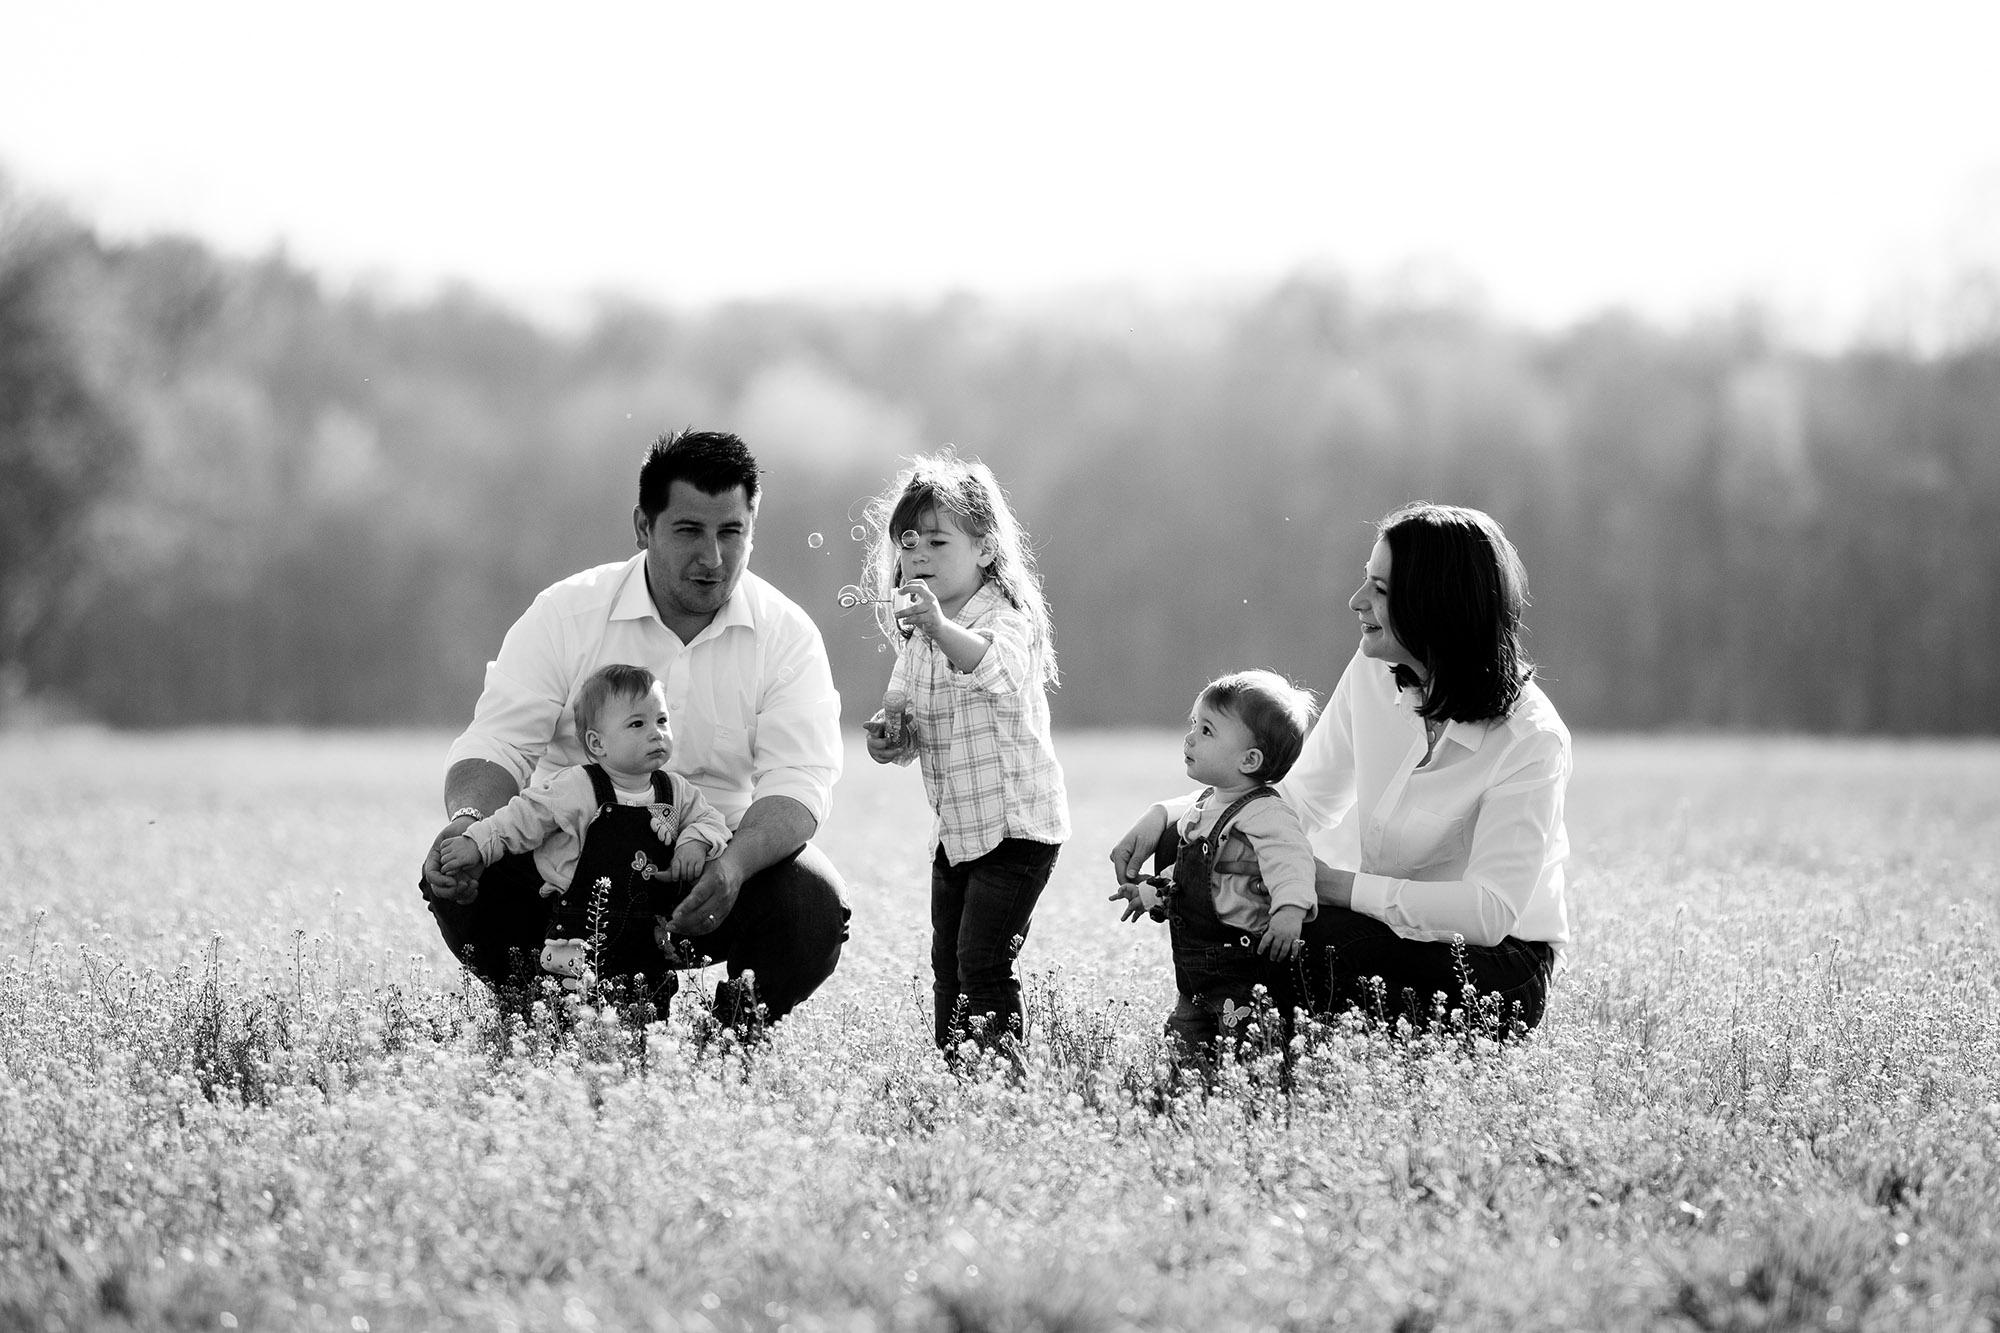 Familienfotoshooting mit 3 Kids in der Natur bei der Fotografin Nicole Kym aus Basel